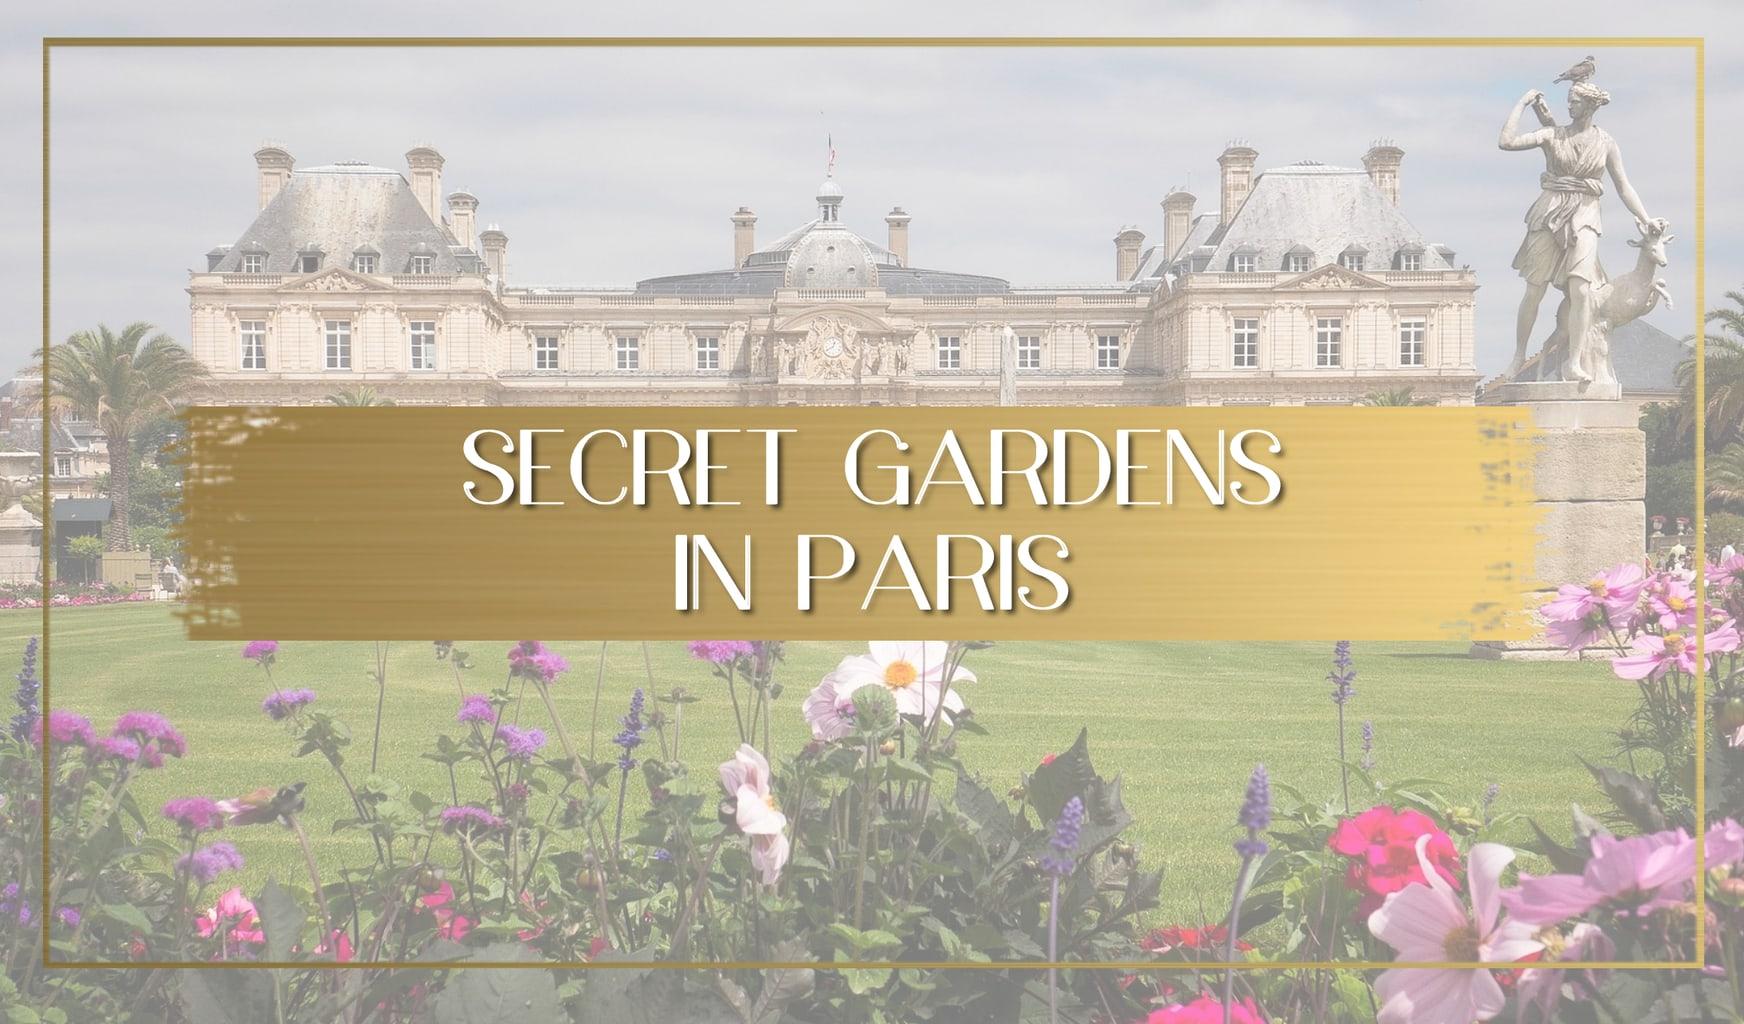 Secret Gardens in Paris main